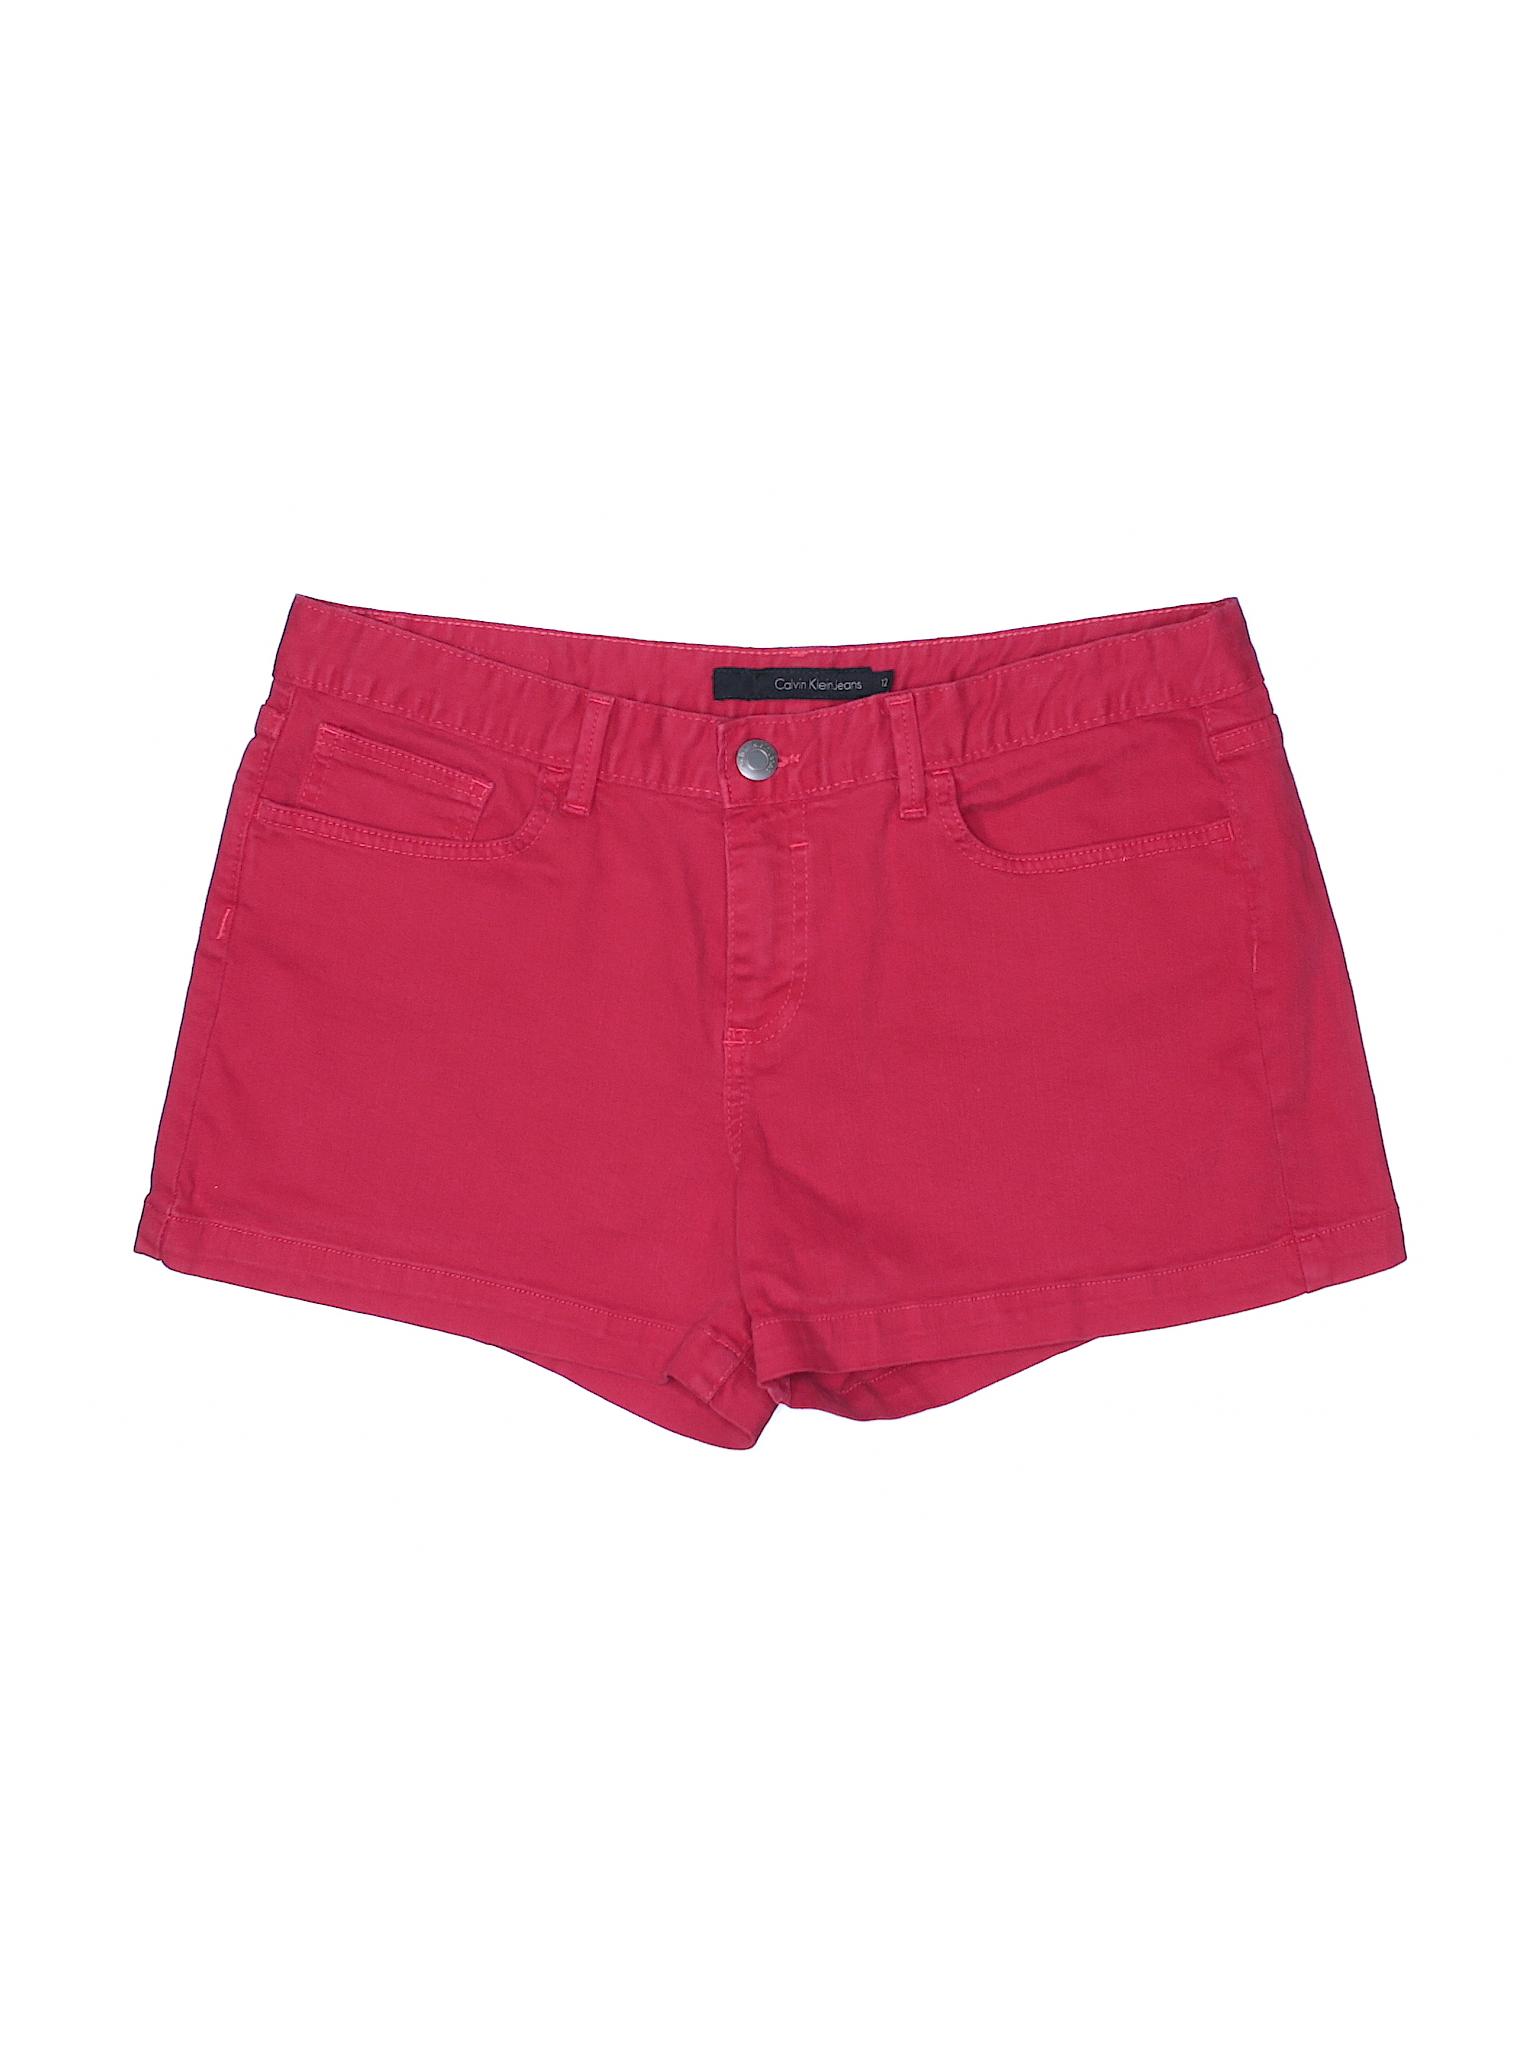 Shorts Klein Calvin Klein Boutique Shorts Denim Denim Boutique Calvin qaUUf8